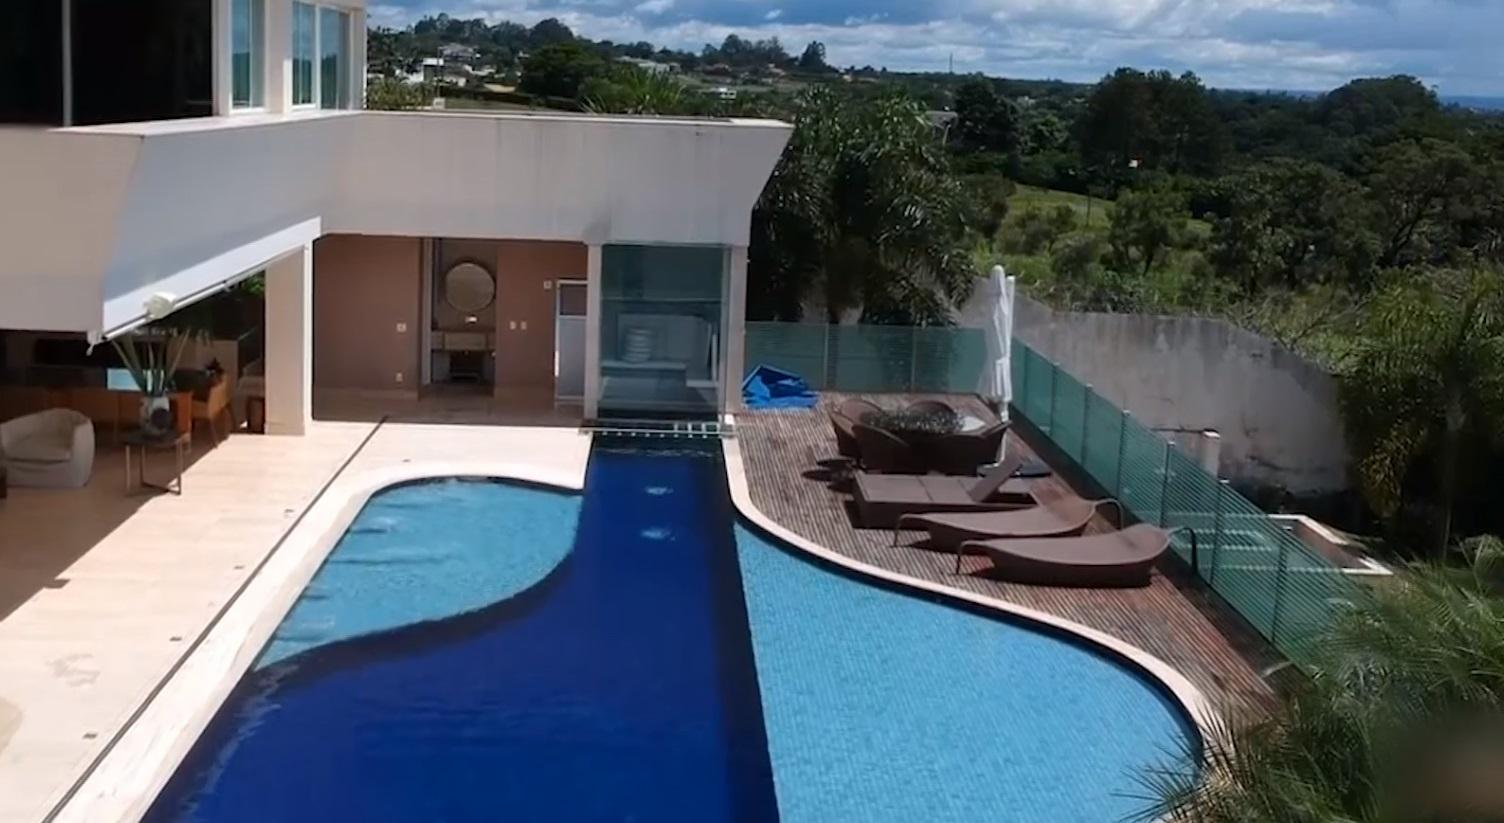 Mansão de Flávio Bolsonaro tem uma ampla piscina